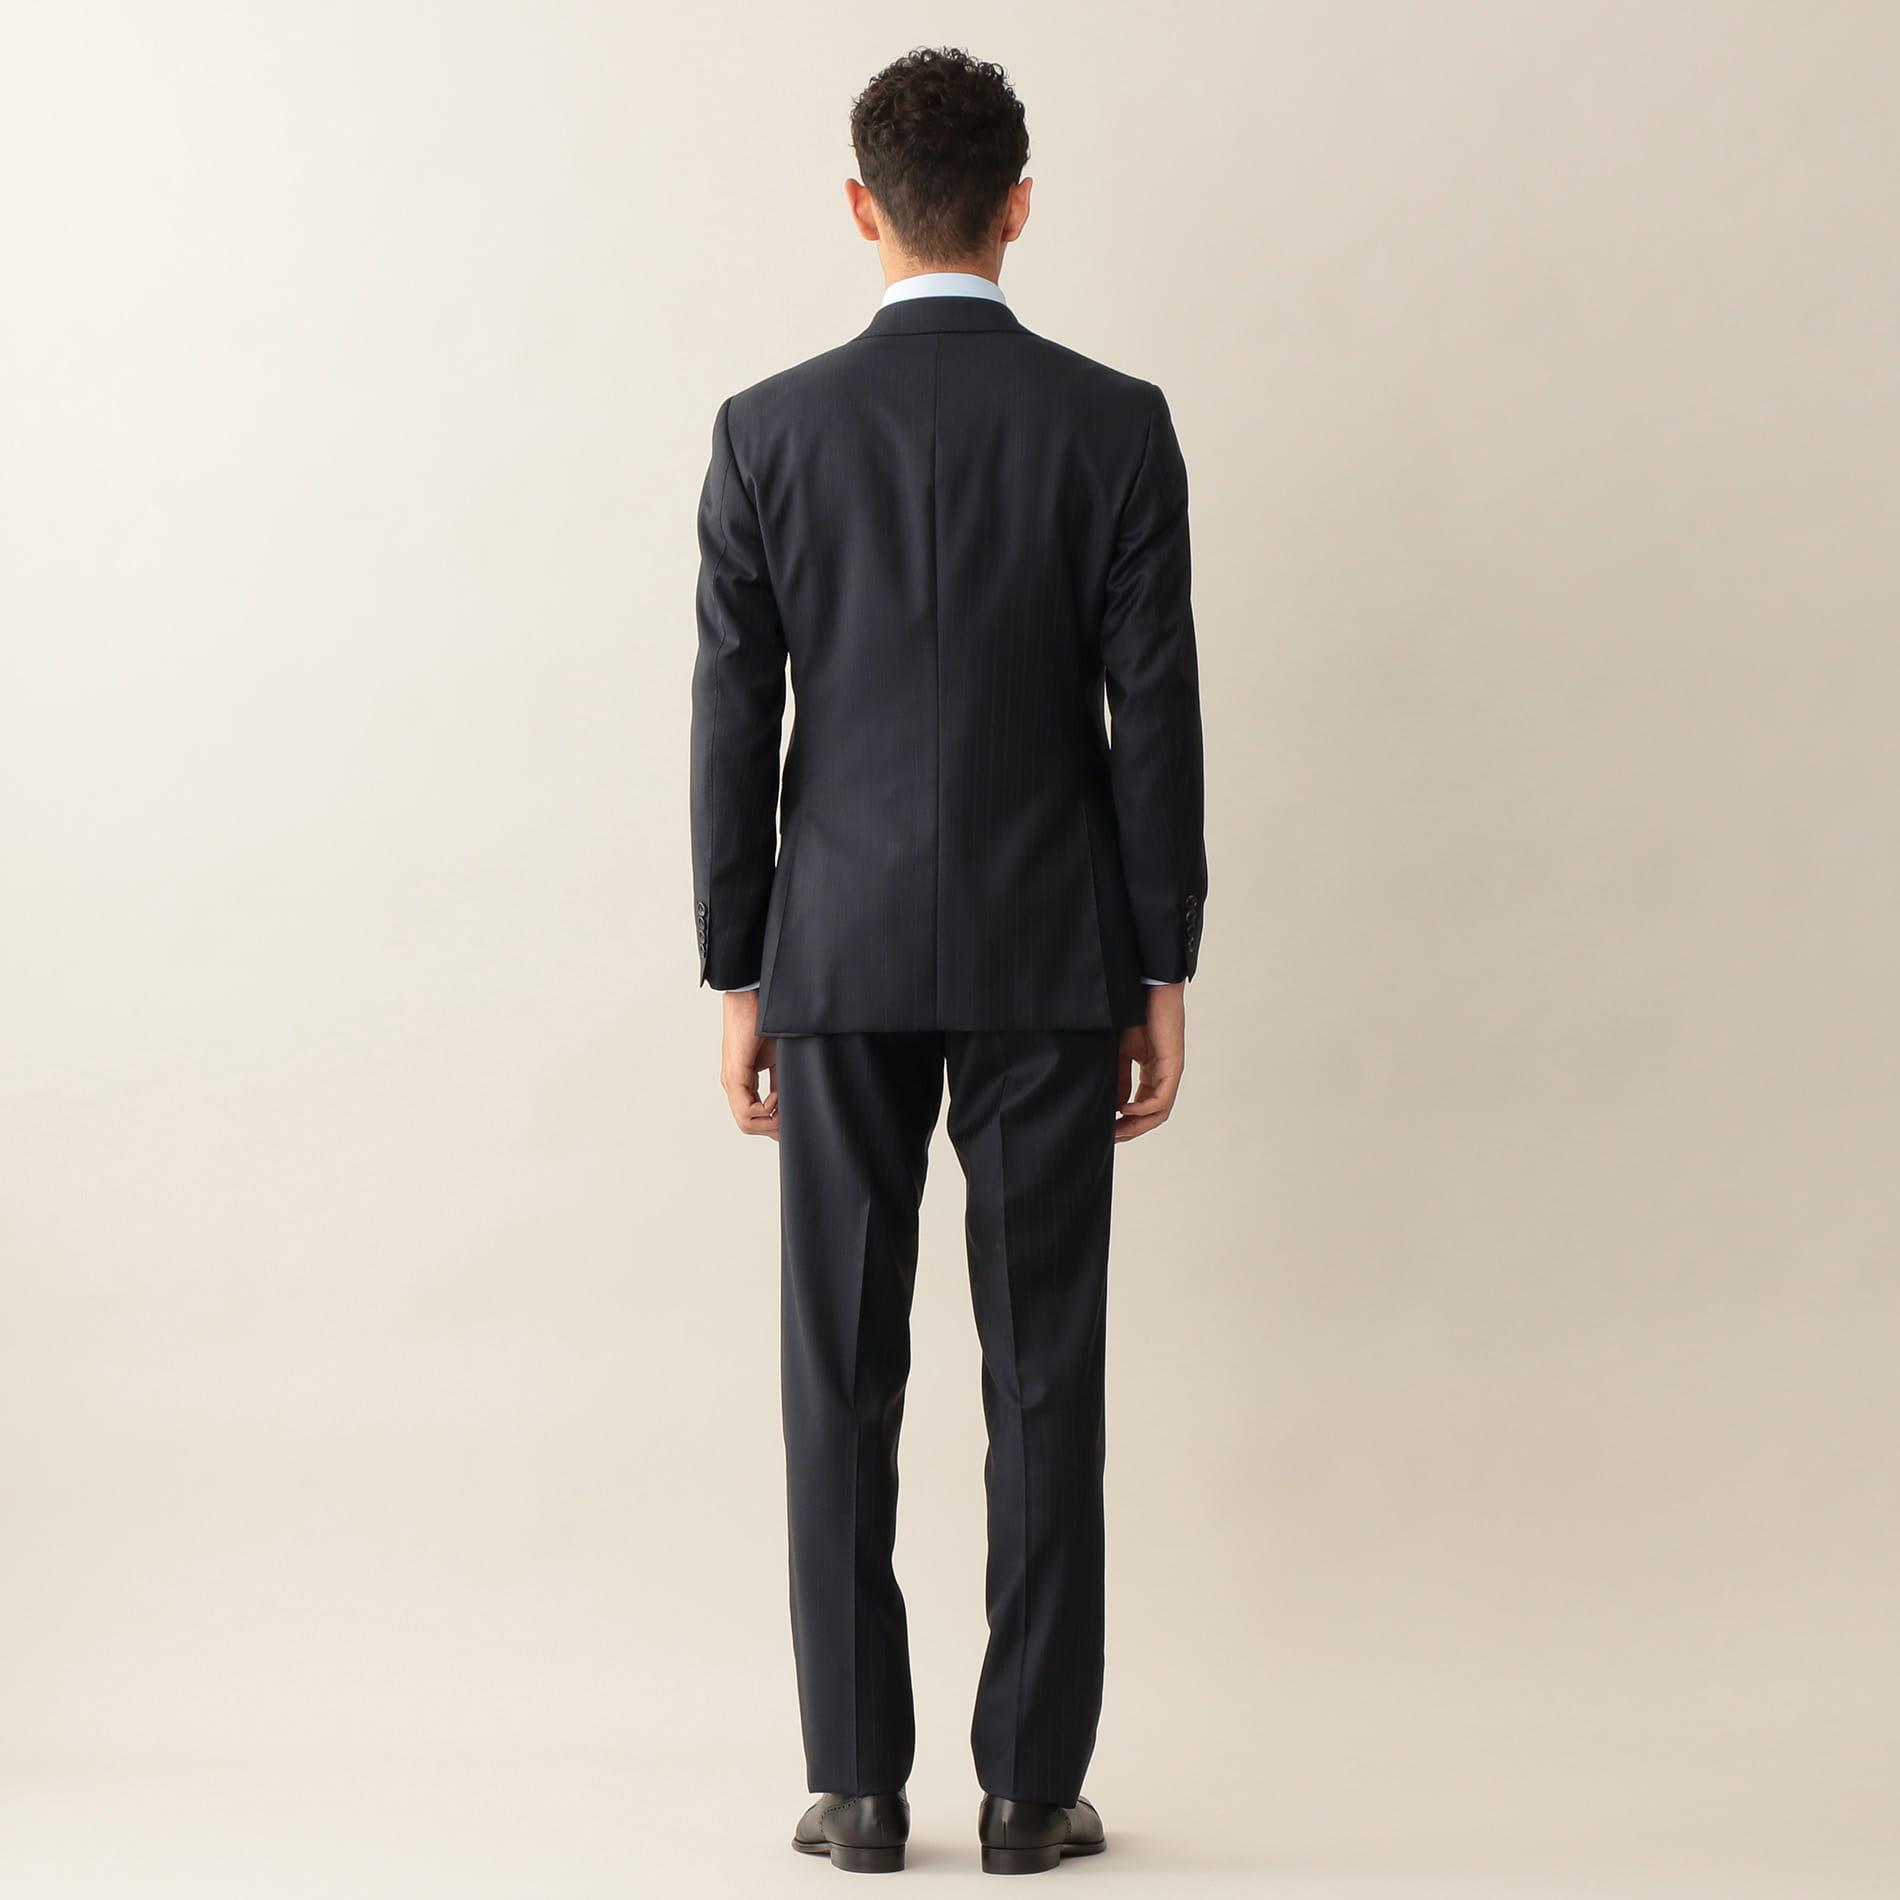 【EASTGATE MODEL】オルタネイトストライプ<スーツ>